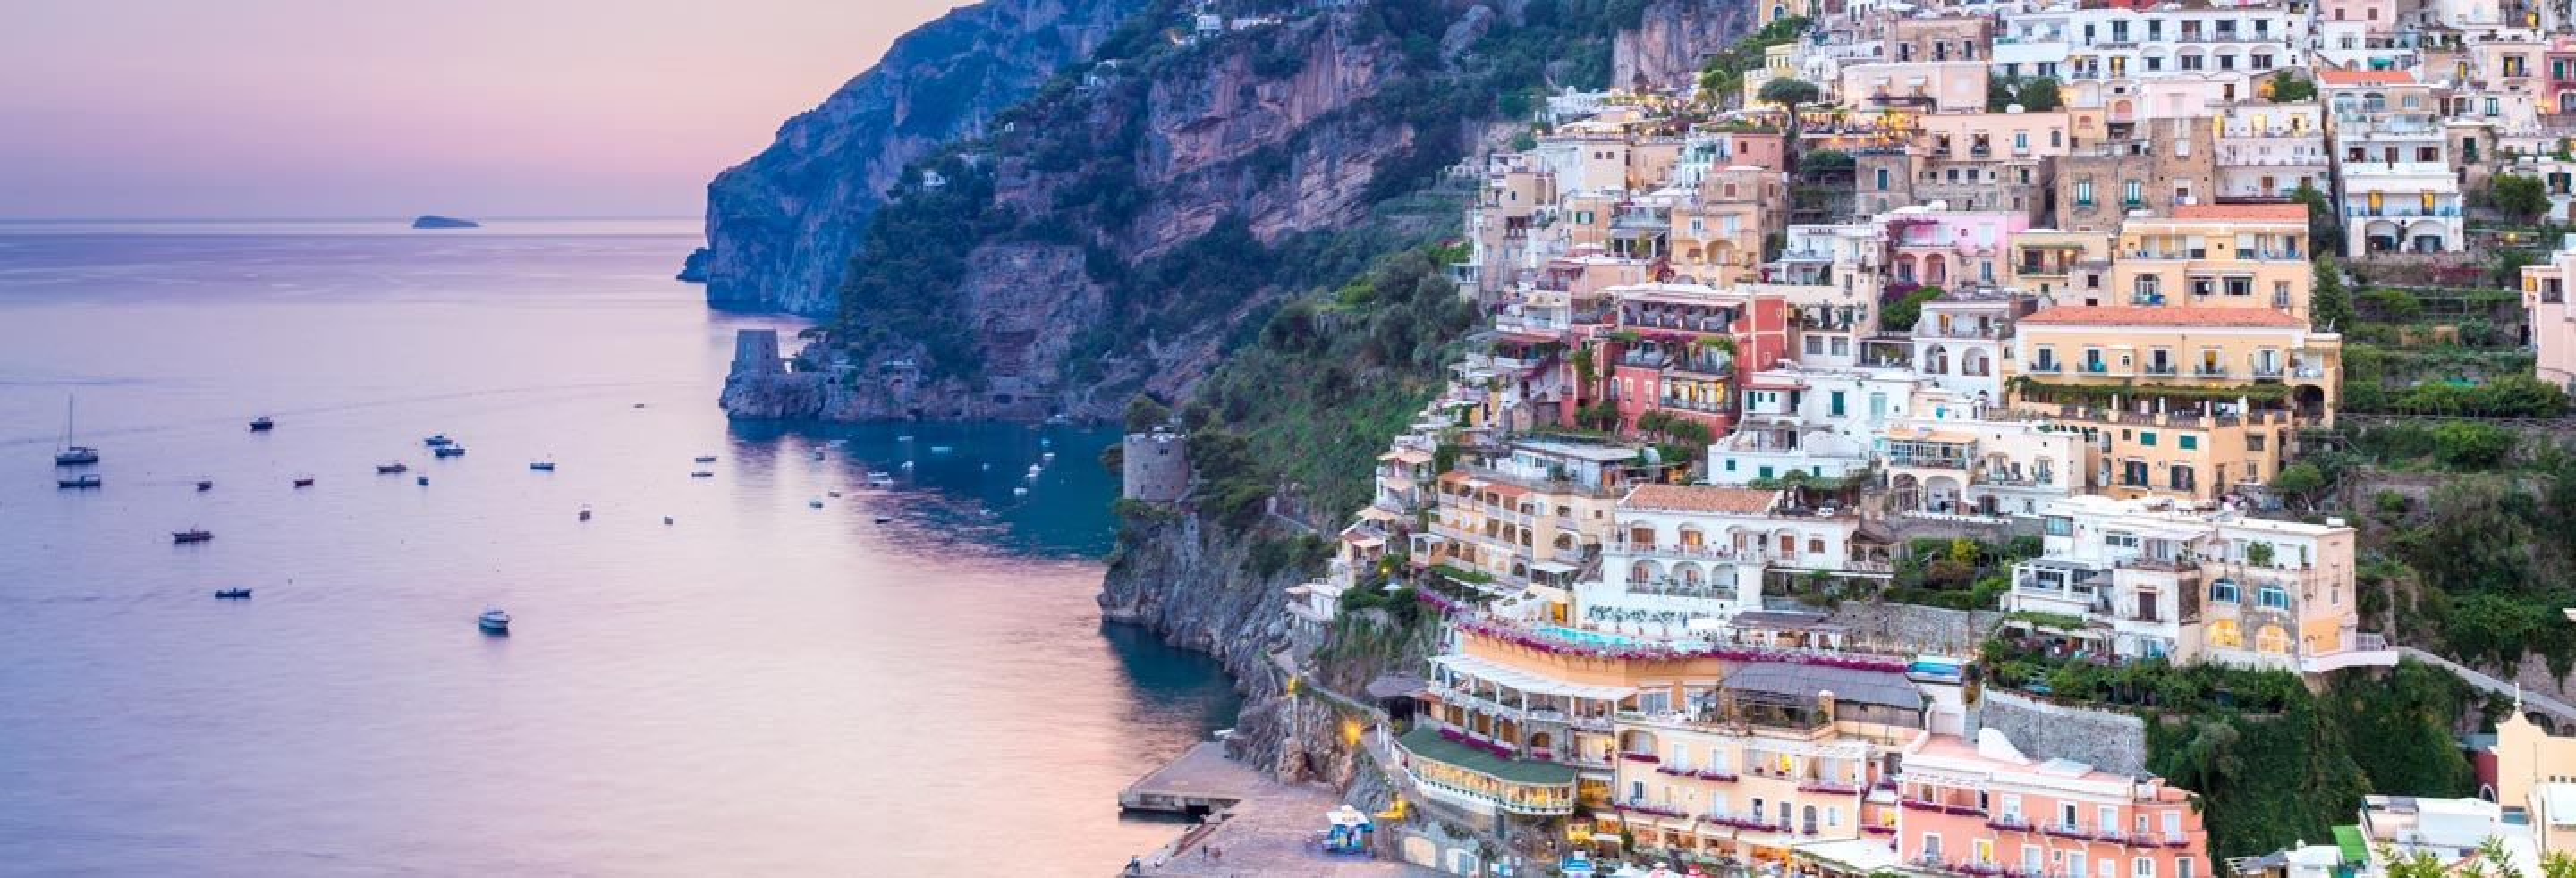 Excursão a Sorrento e à Costa Amalfitana